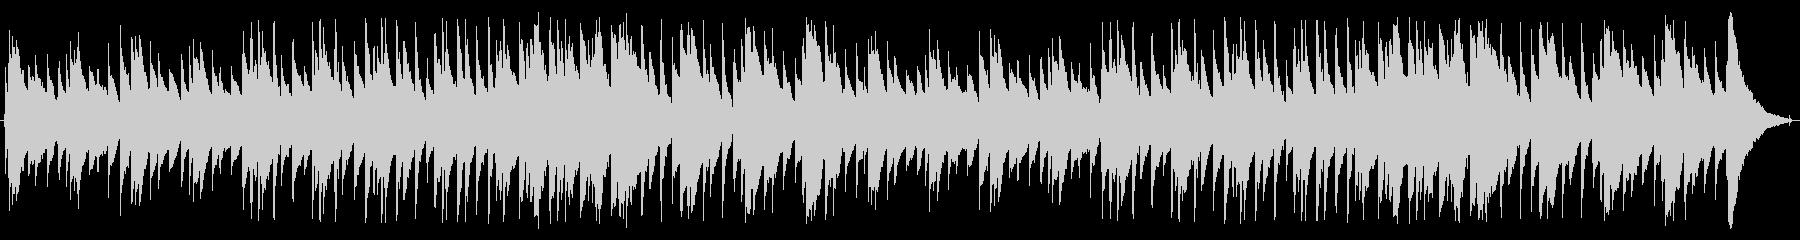 アコースティックアルペジオの未再生の波形